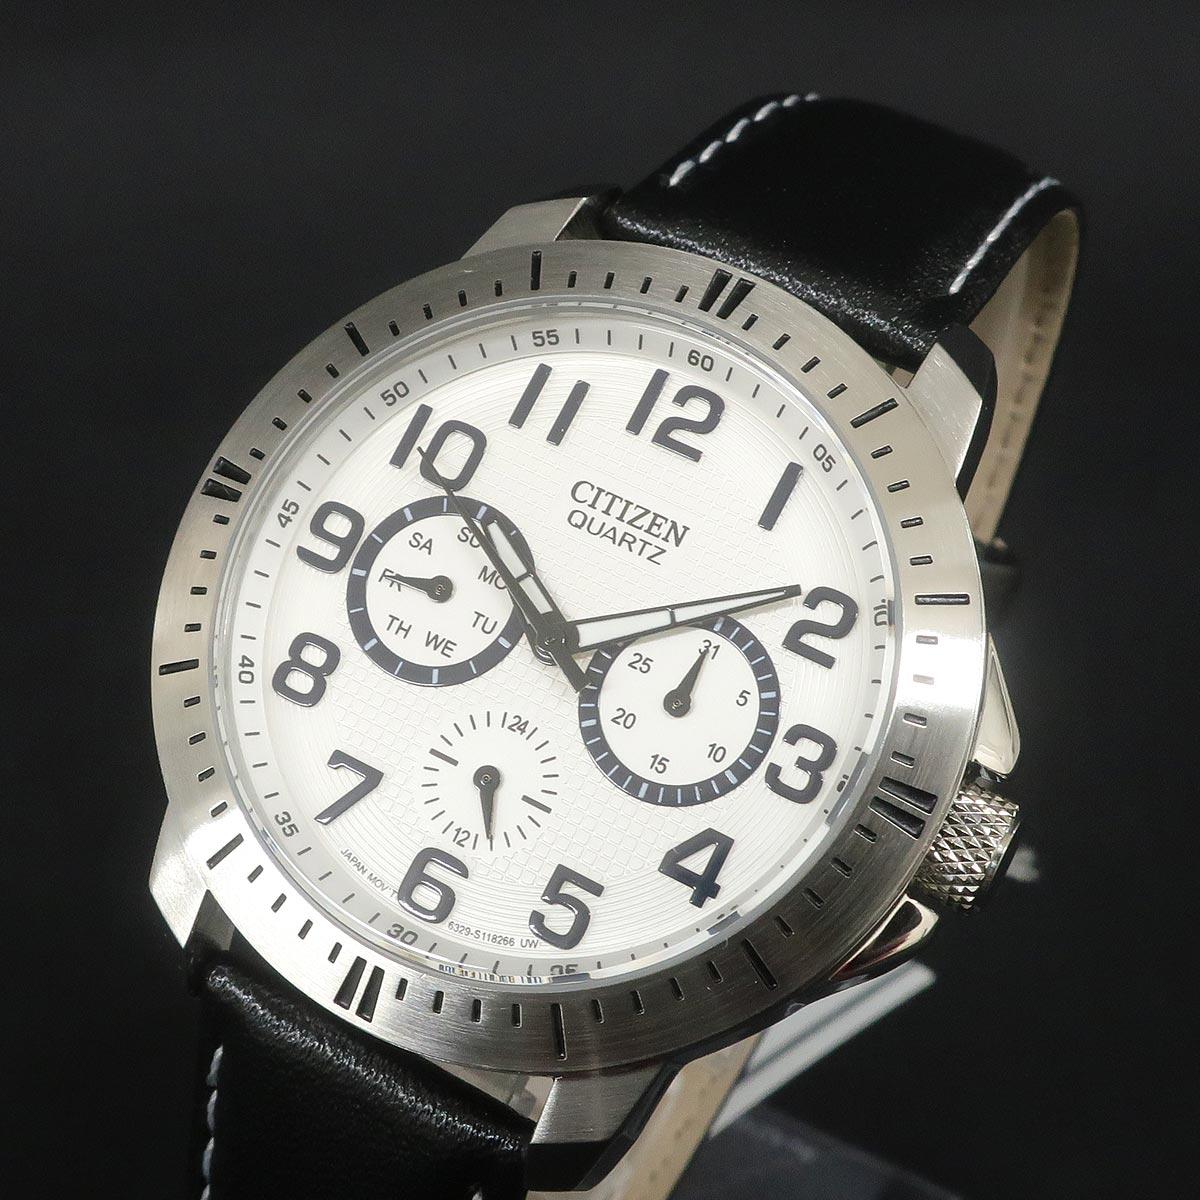 CITIZEN シチズン メンズクォーツ時計 AG8310-08A ホワイト